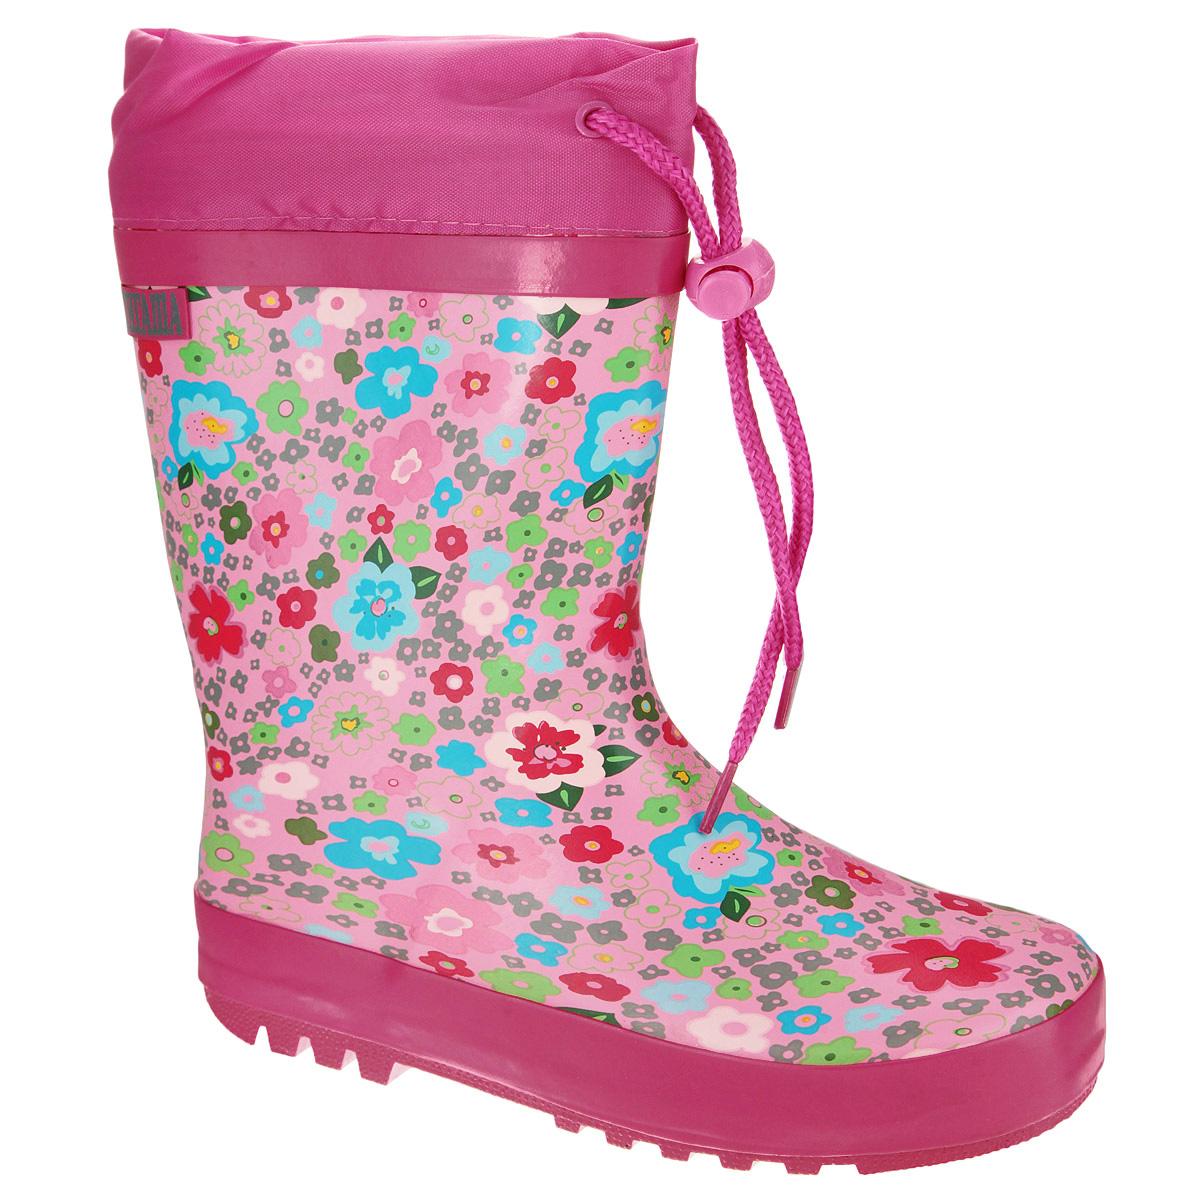 13-310Резиновые сапожки для девочки Аллигаша - идеальная обувь в дождливую погоду. Сапоги выполнены из качественной резины и оформлены ярким цветочным принтом, а также логотипом бренда. Подкладка, выполненная из текстиля, подарит ощущение комфорта вашему ребенку. Главным преимуществом резиновых сапожек является наличие съемного текстильного носочка, что позволяет носить сапожки не только дождливым летом, но и сырой прохладной осенью. Текстильный верх голенища регулируется в объеме за счет шнурка со стоппером. Резиновые сапожки прекрасно защитят ножки вашего ребенка от промокания в дождливый день.